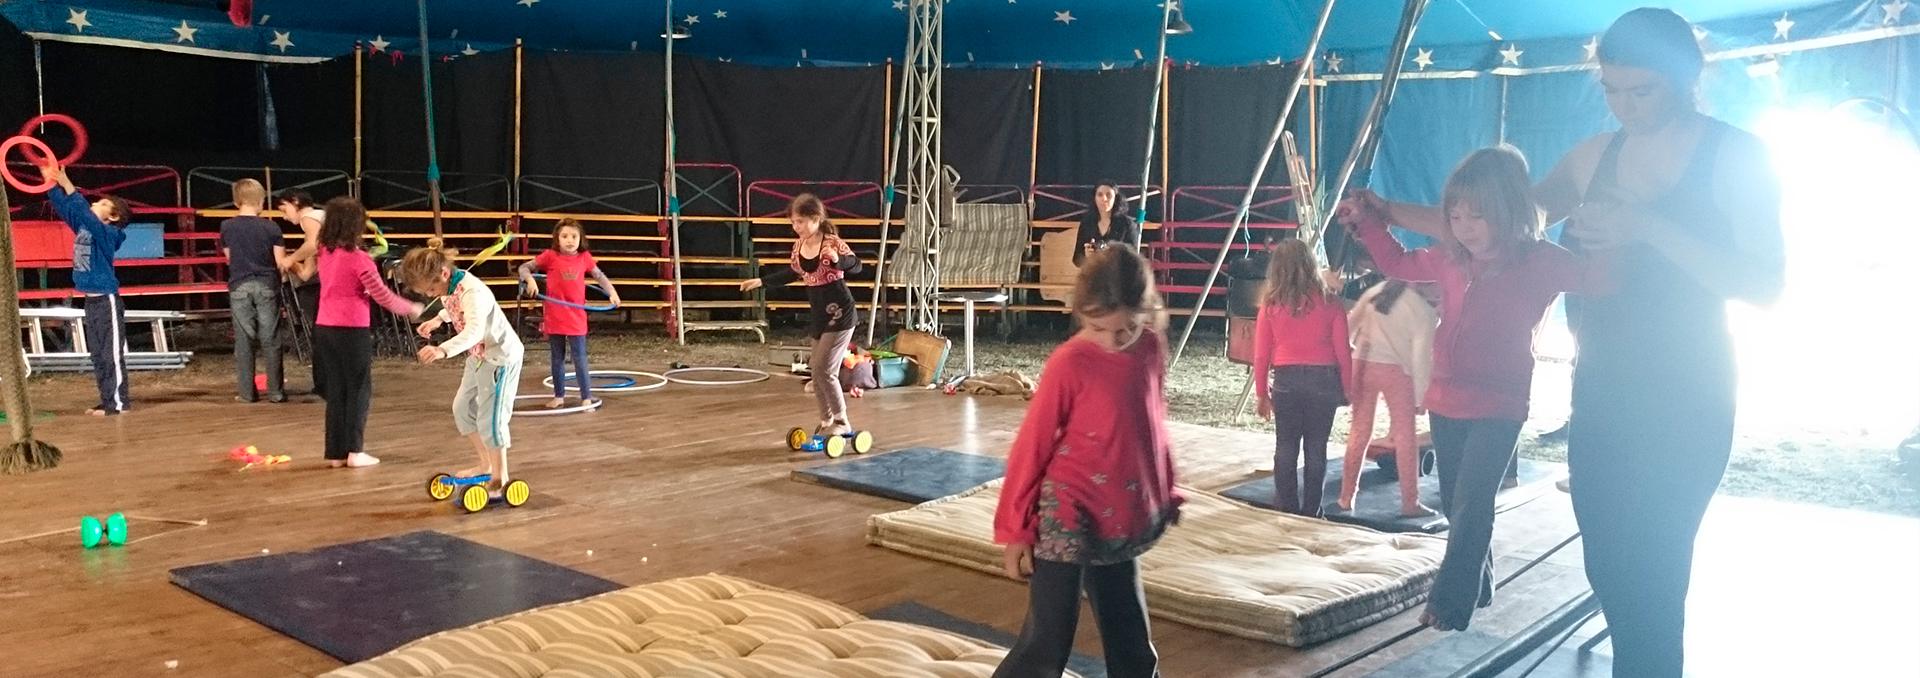 cirque-la-cabriole-star-atelier